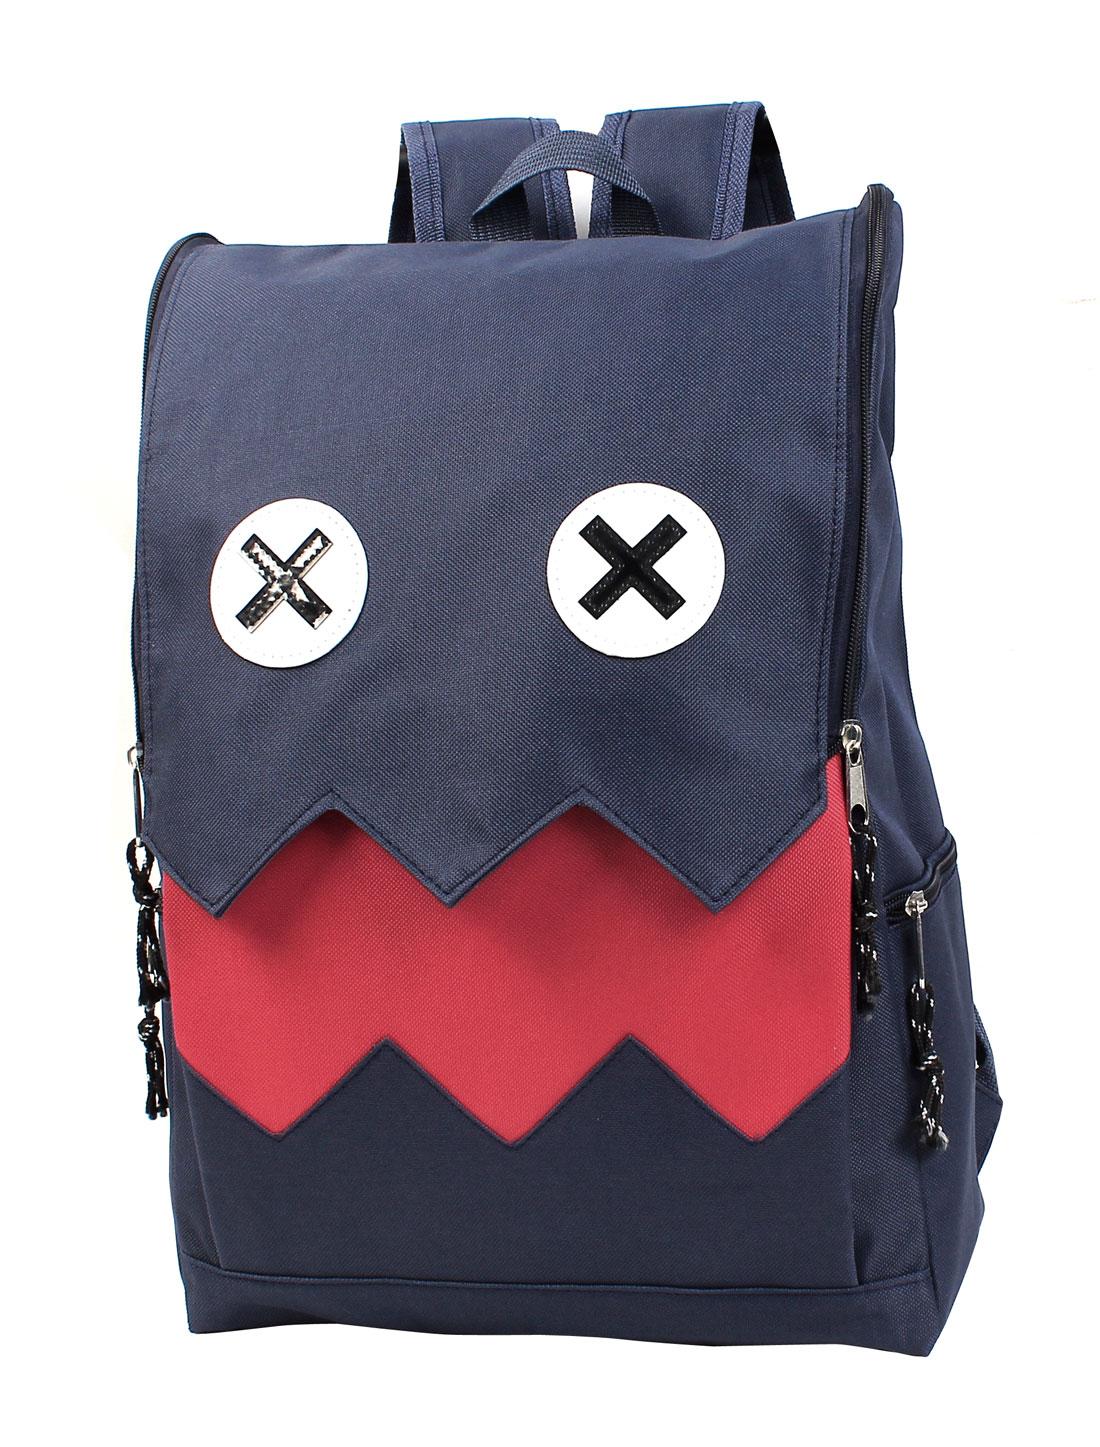 Unisex Vintage Preppy Style Canvas Schoobag Bookbag Campus Knapsack Backpack Blue